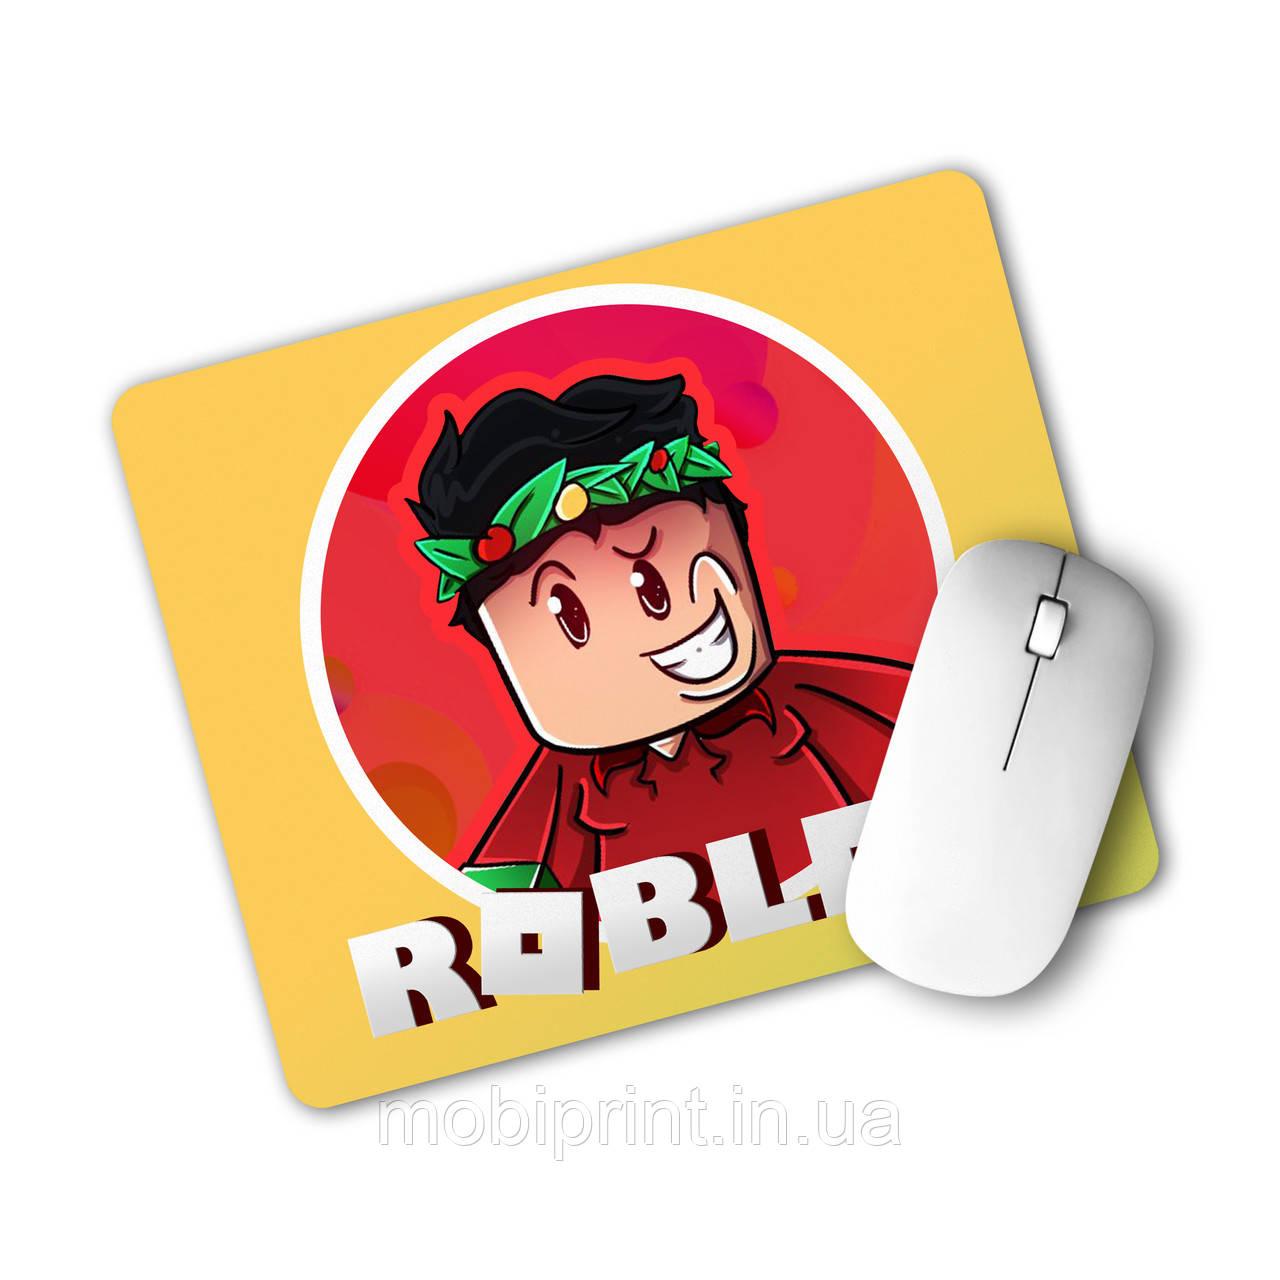 Коврик для мышки Роблокс (Roblox) (25108-1225)